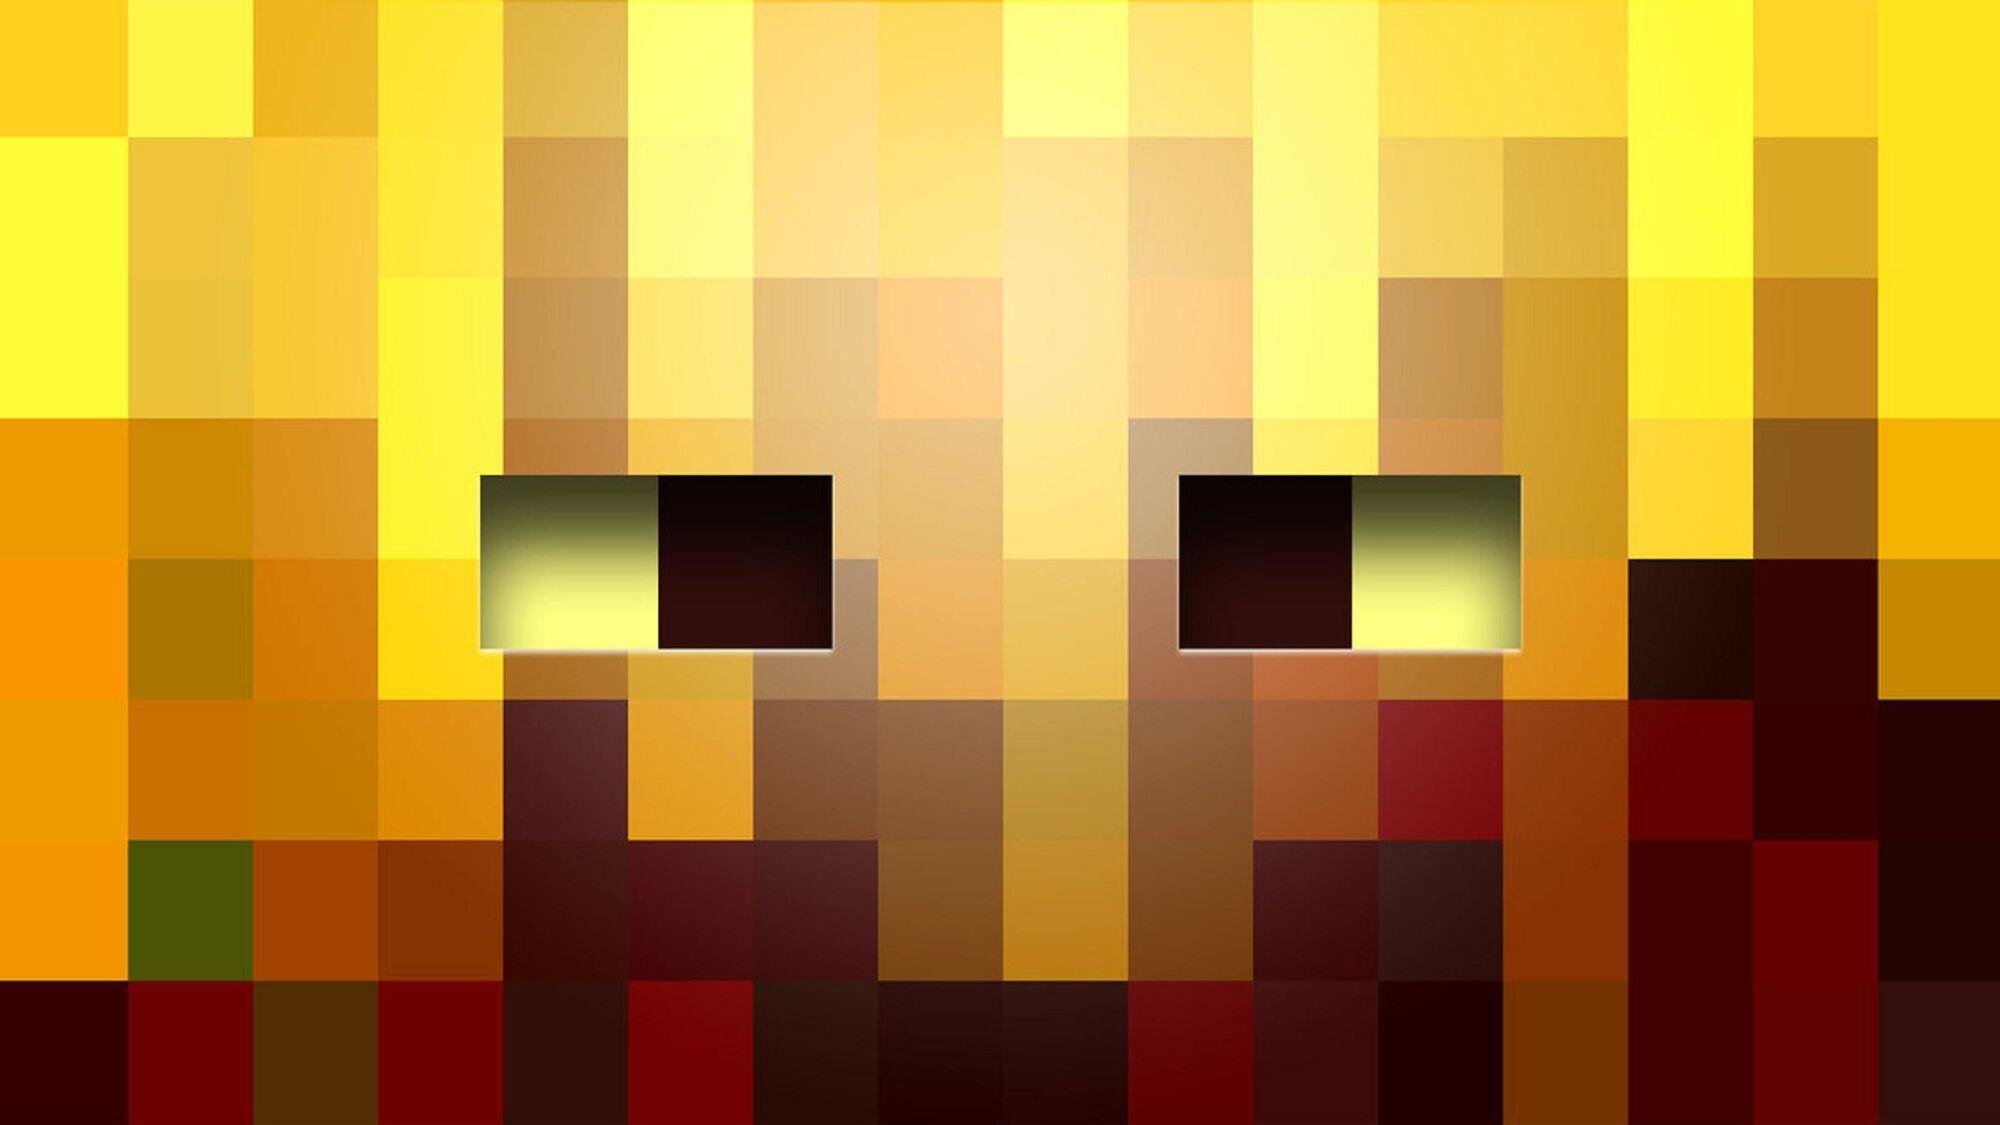 نتیجه تصویری برای BLAZE MINECRAFT